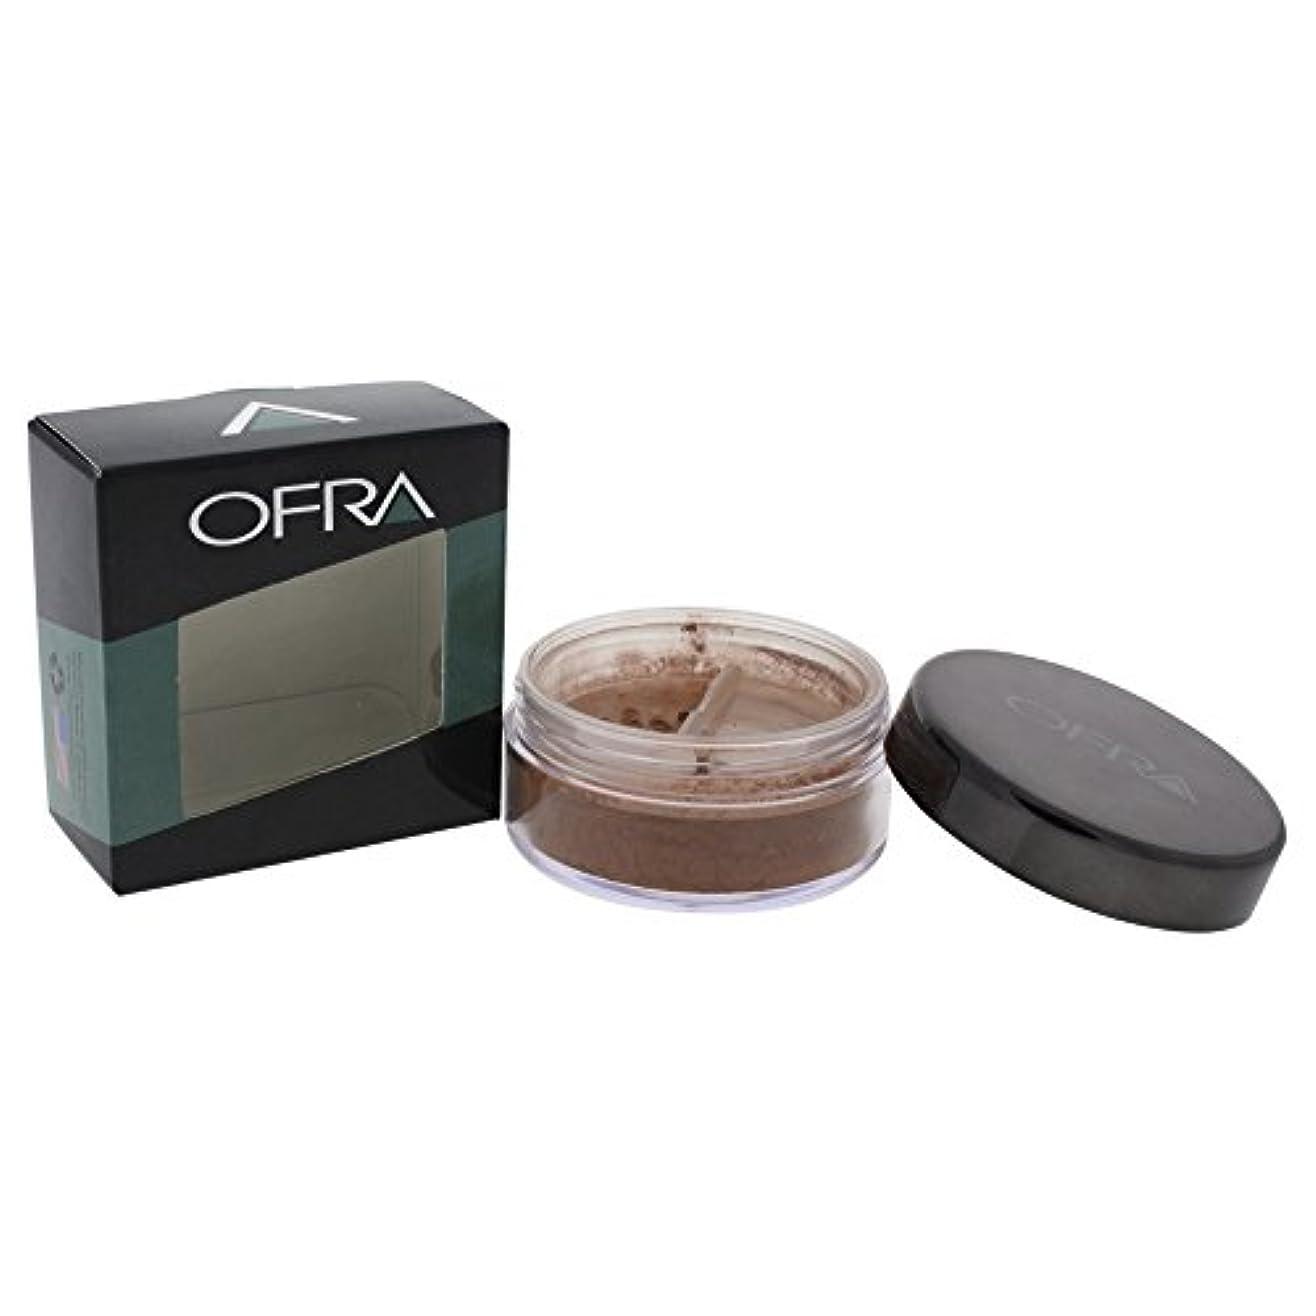 精神医学にはまって場所Derma Mineral Makeup Loose Powder Foundation - Orange Tan